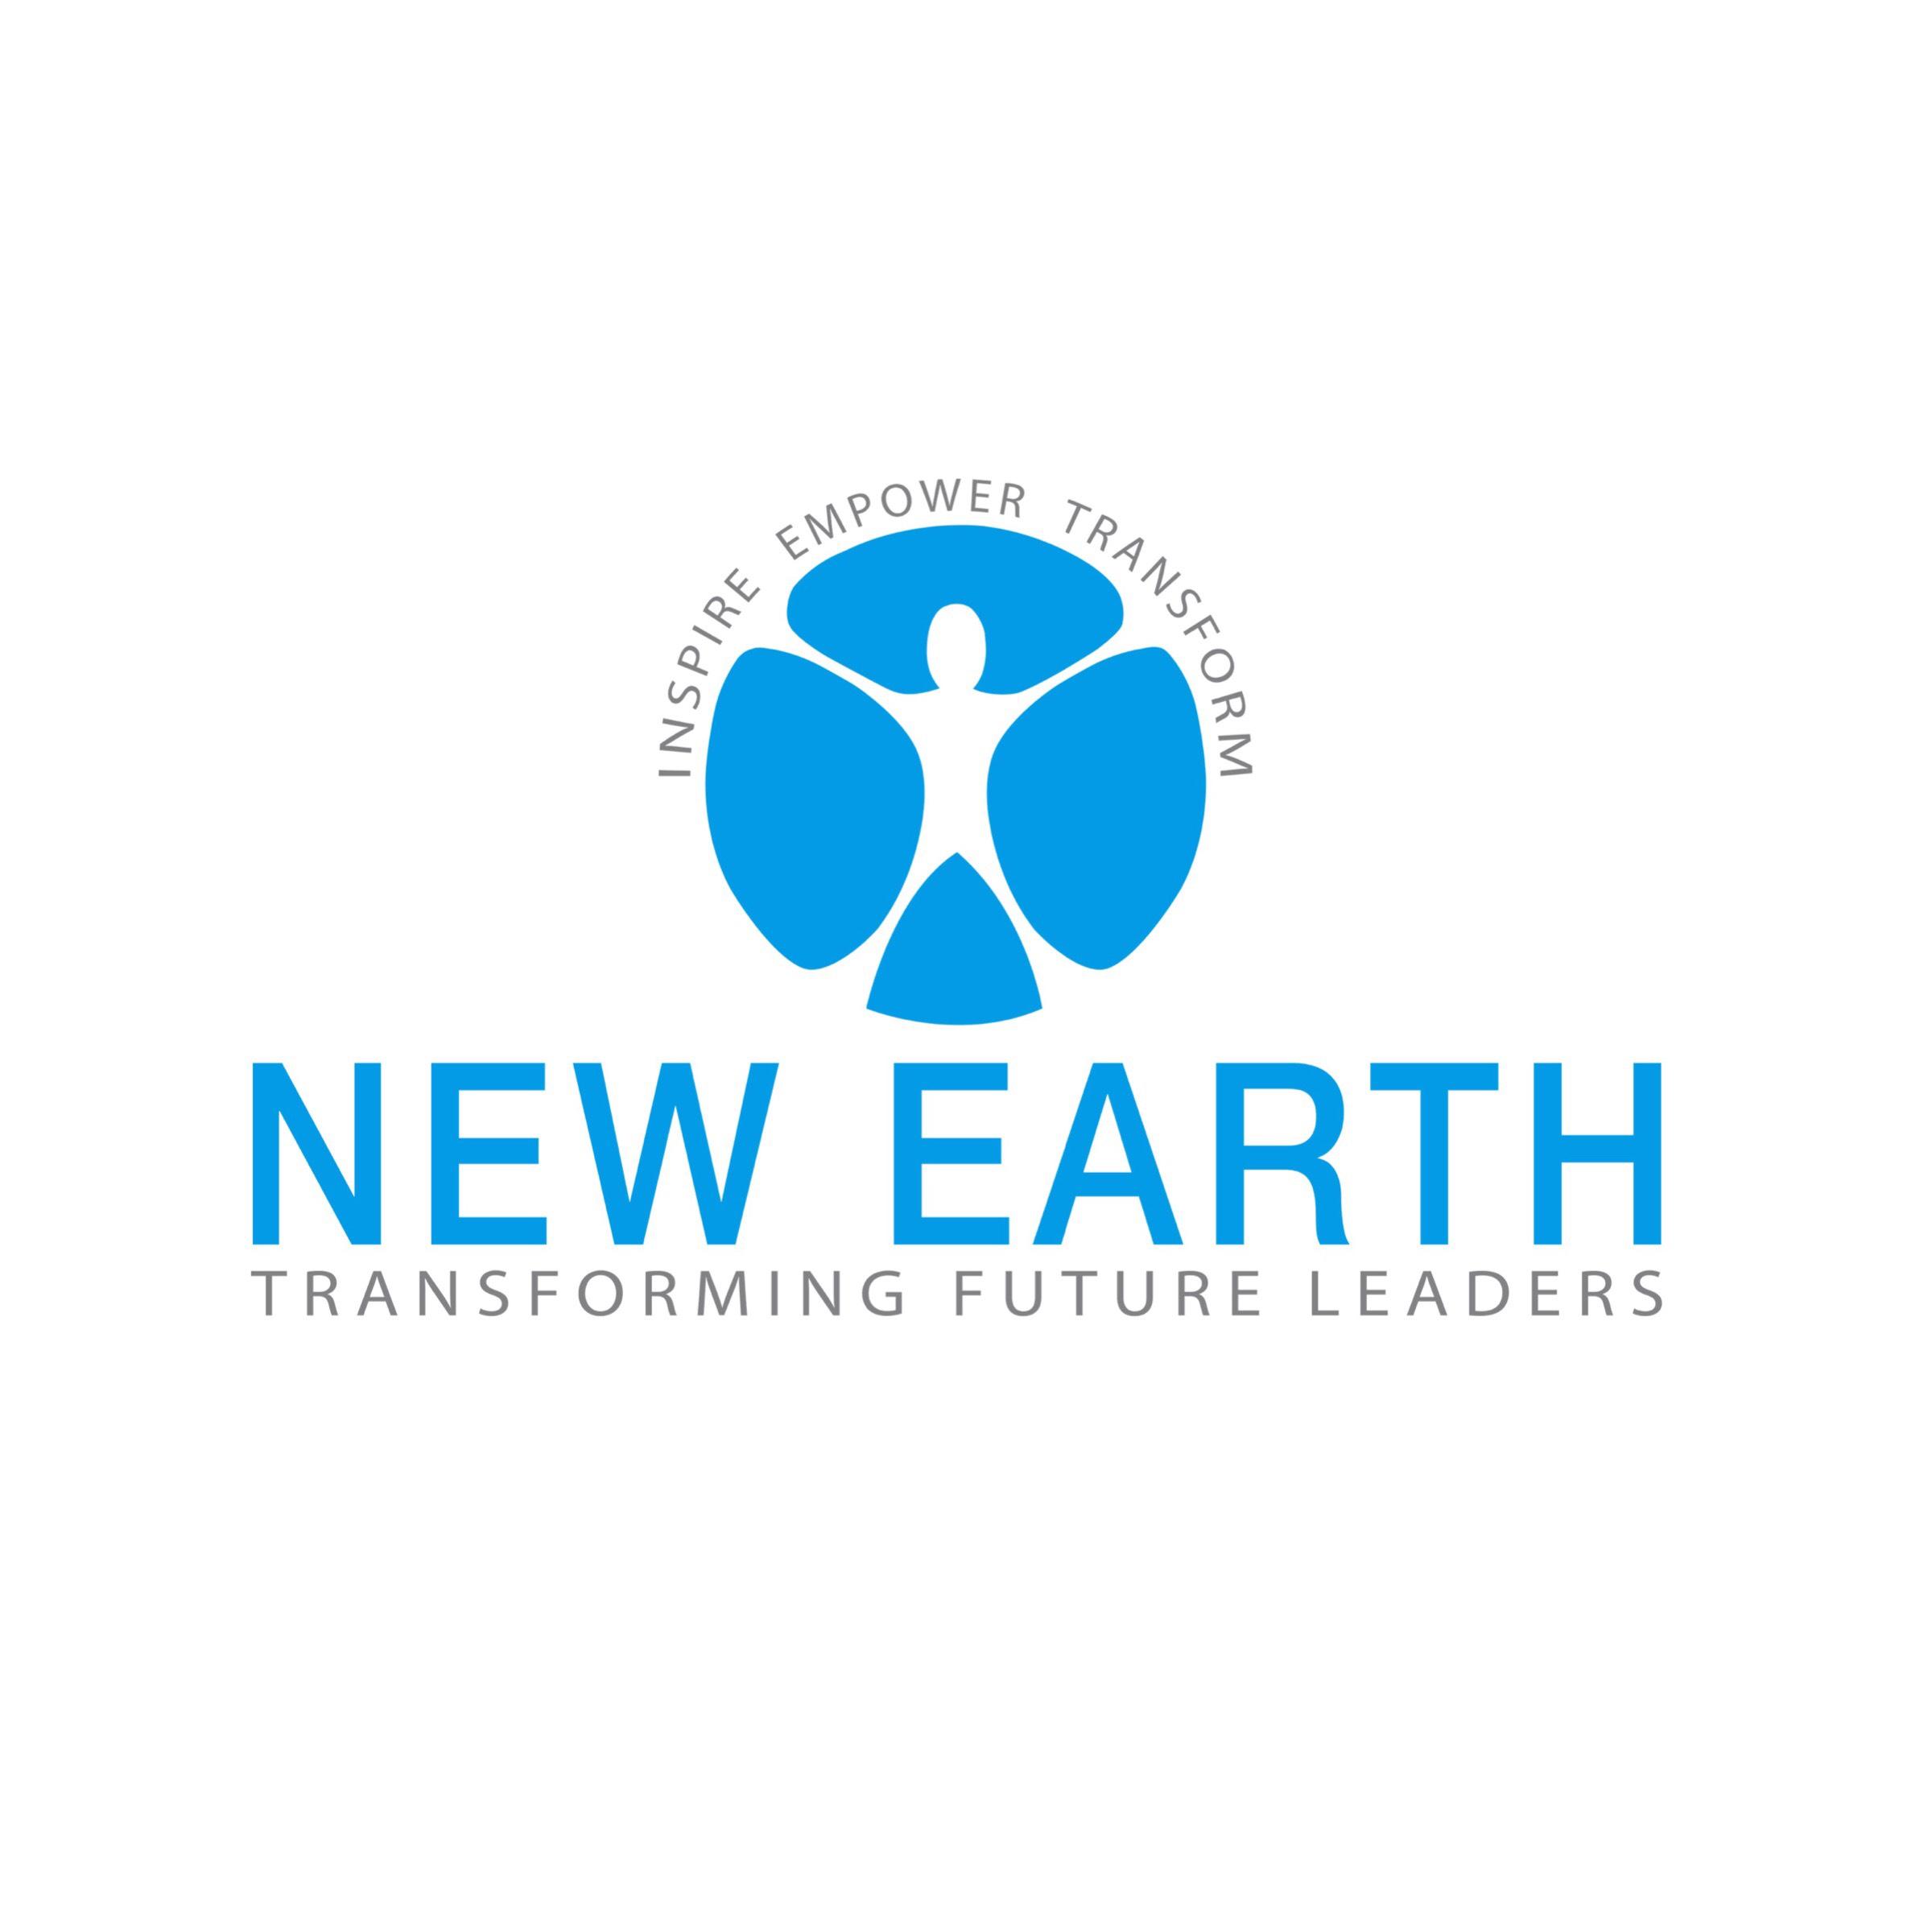 NEW EARTH ORGANIZATION - GuideStar Profile